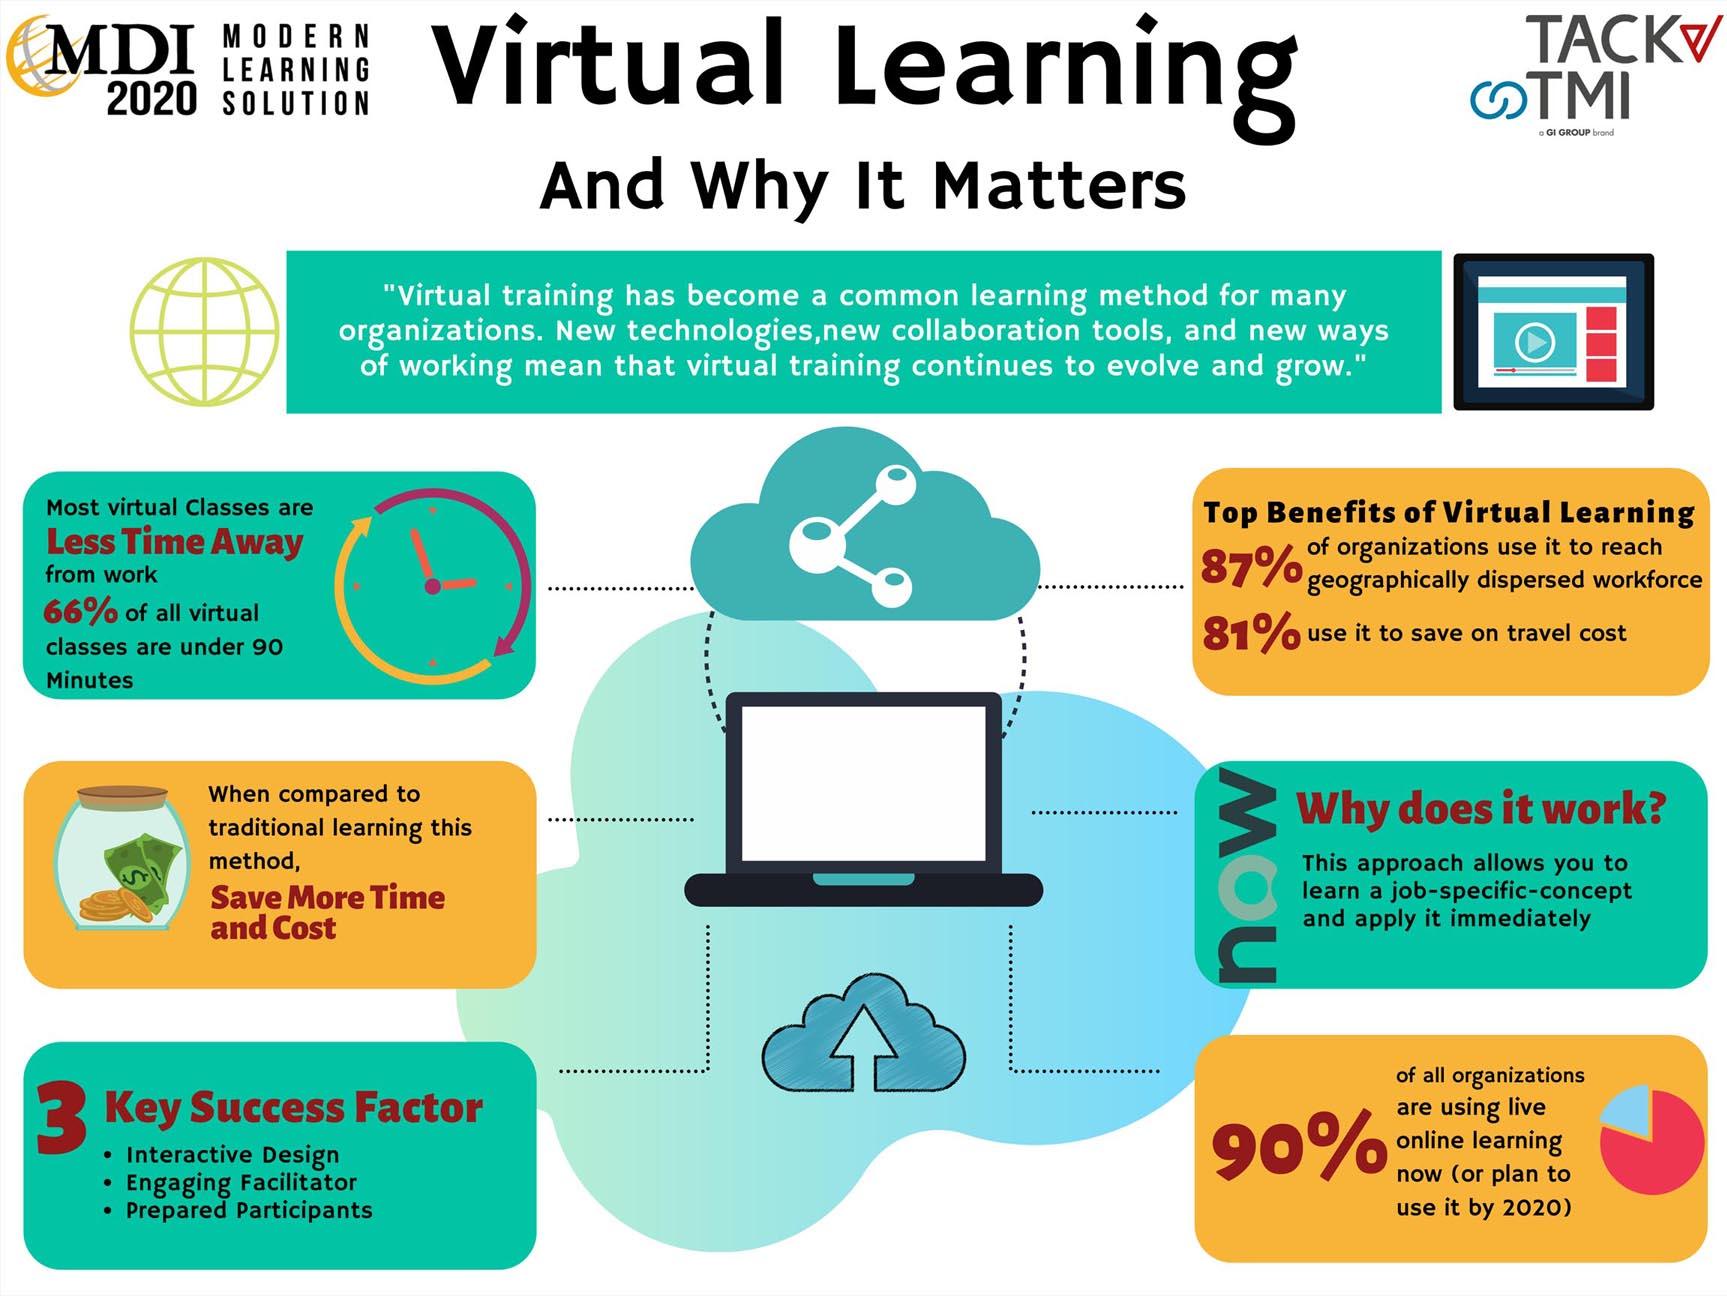 Virtual Learning MDI 2020